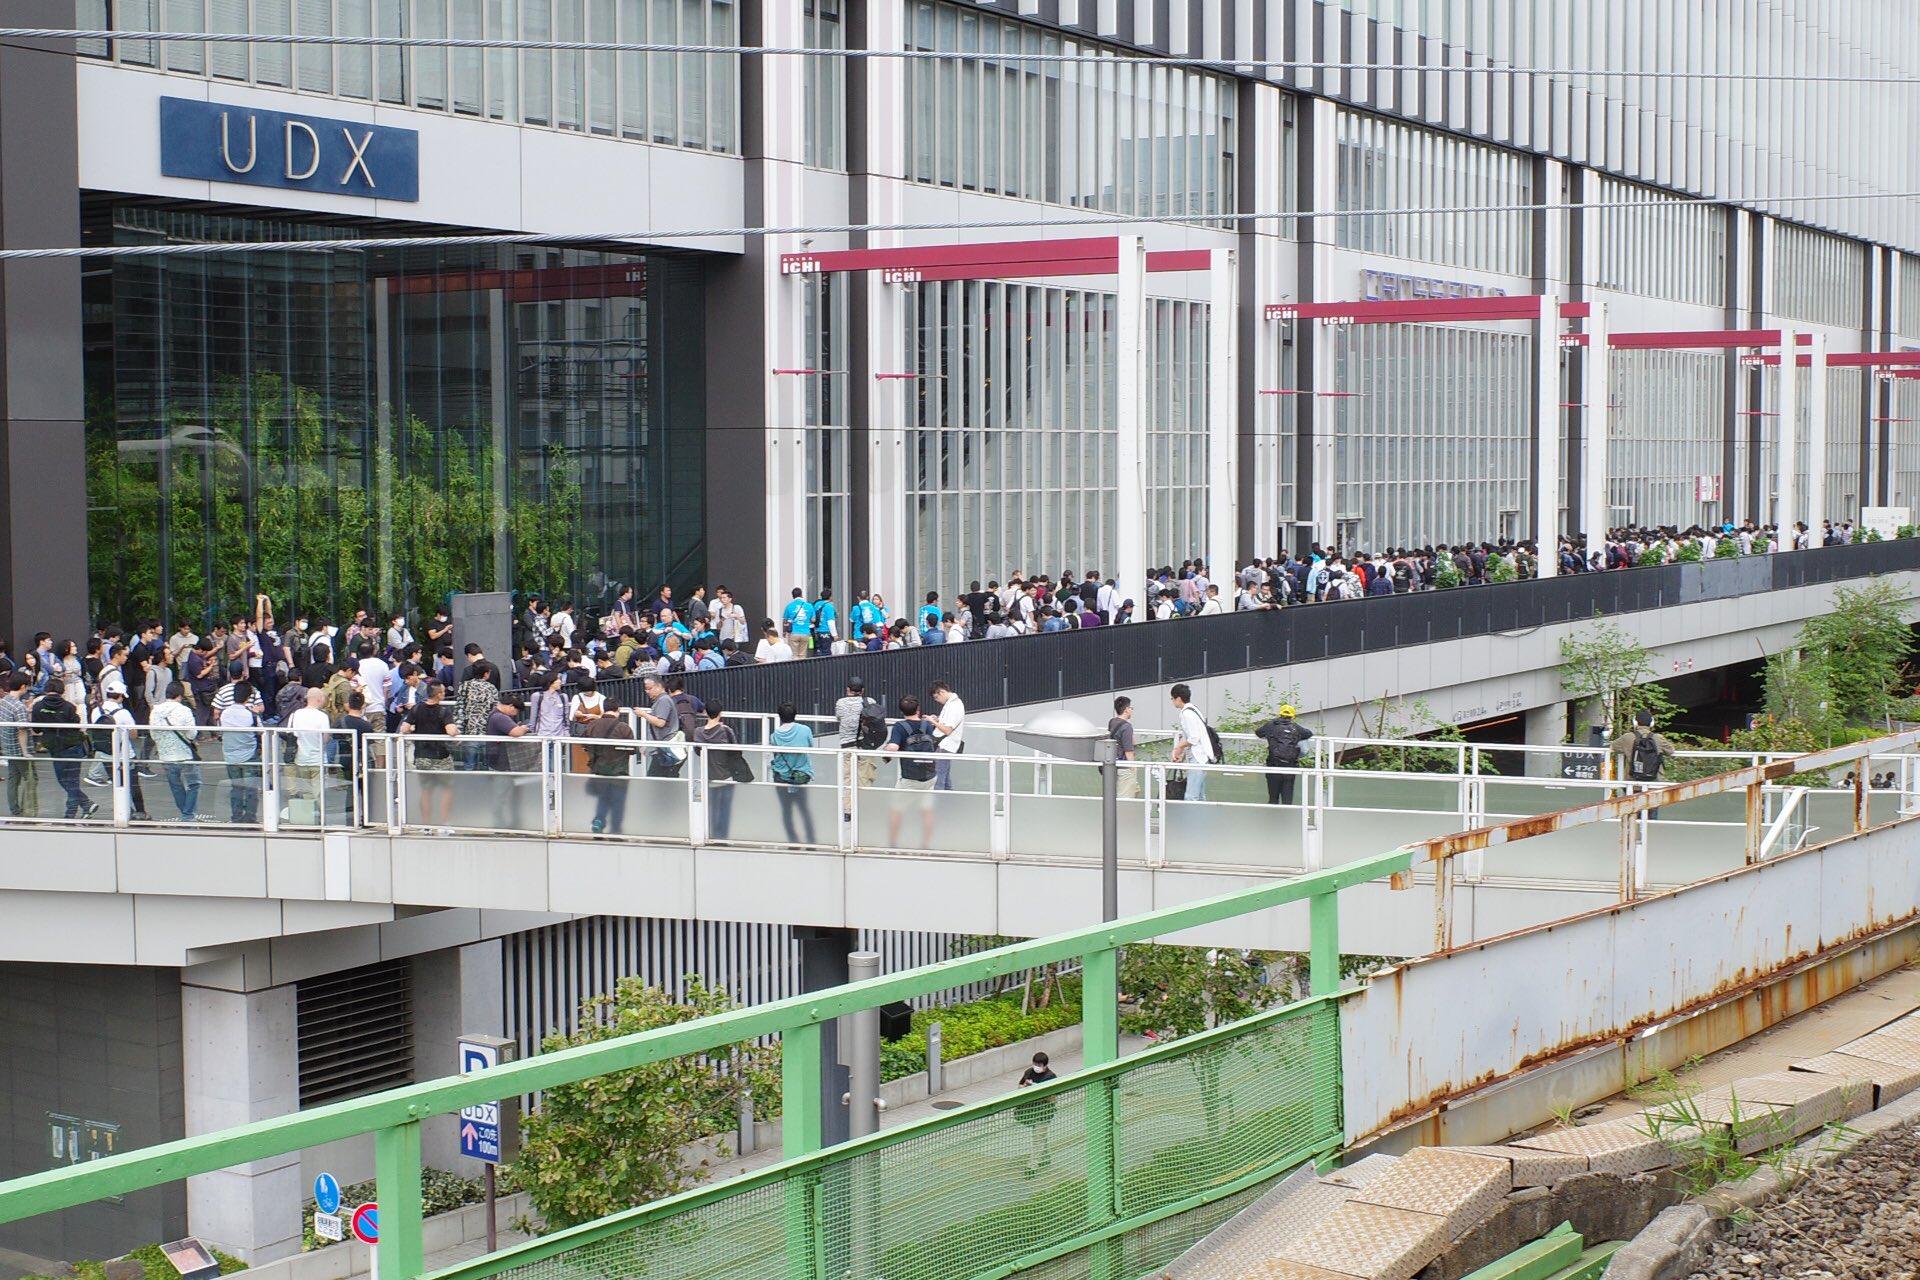 画像,秋葉原UDXさんまわりの待機列凄いな10:30#akiba https://t.co/bQ4FupR7VZ。